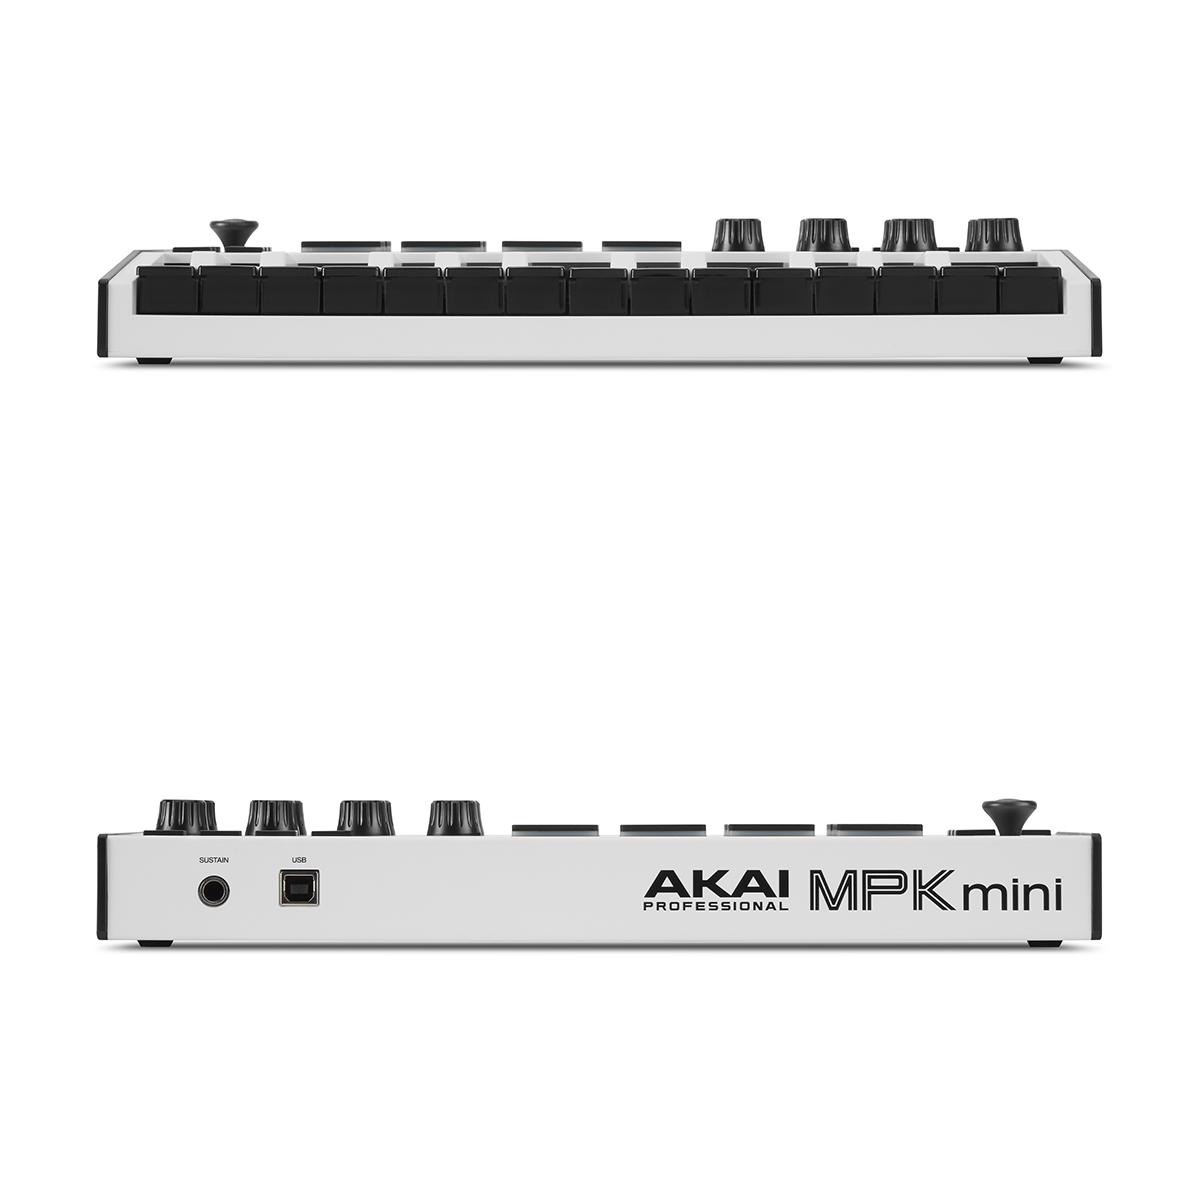 Controladora Akai Mpk Mini MK3 WHITE 25 Teclas